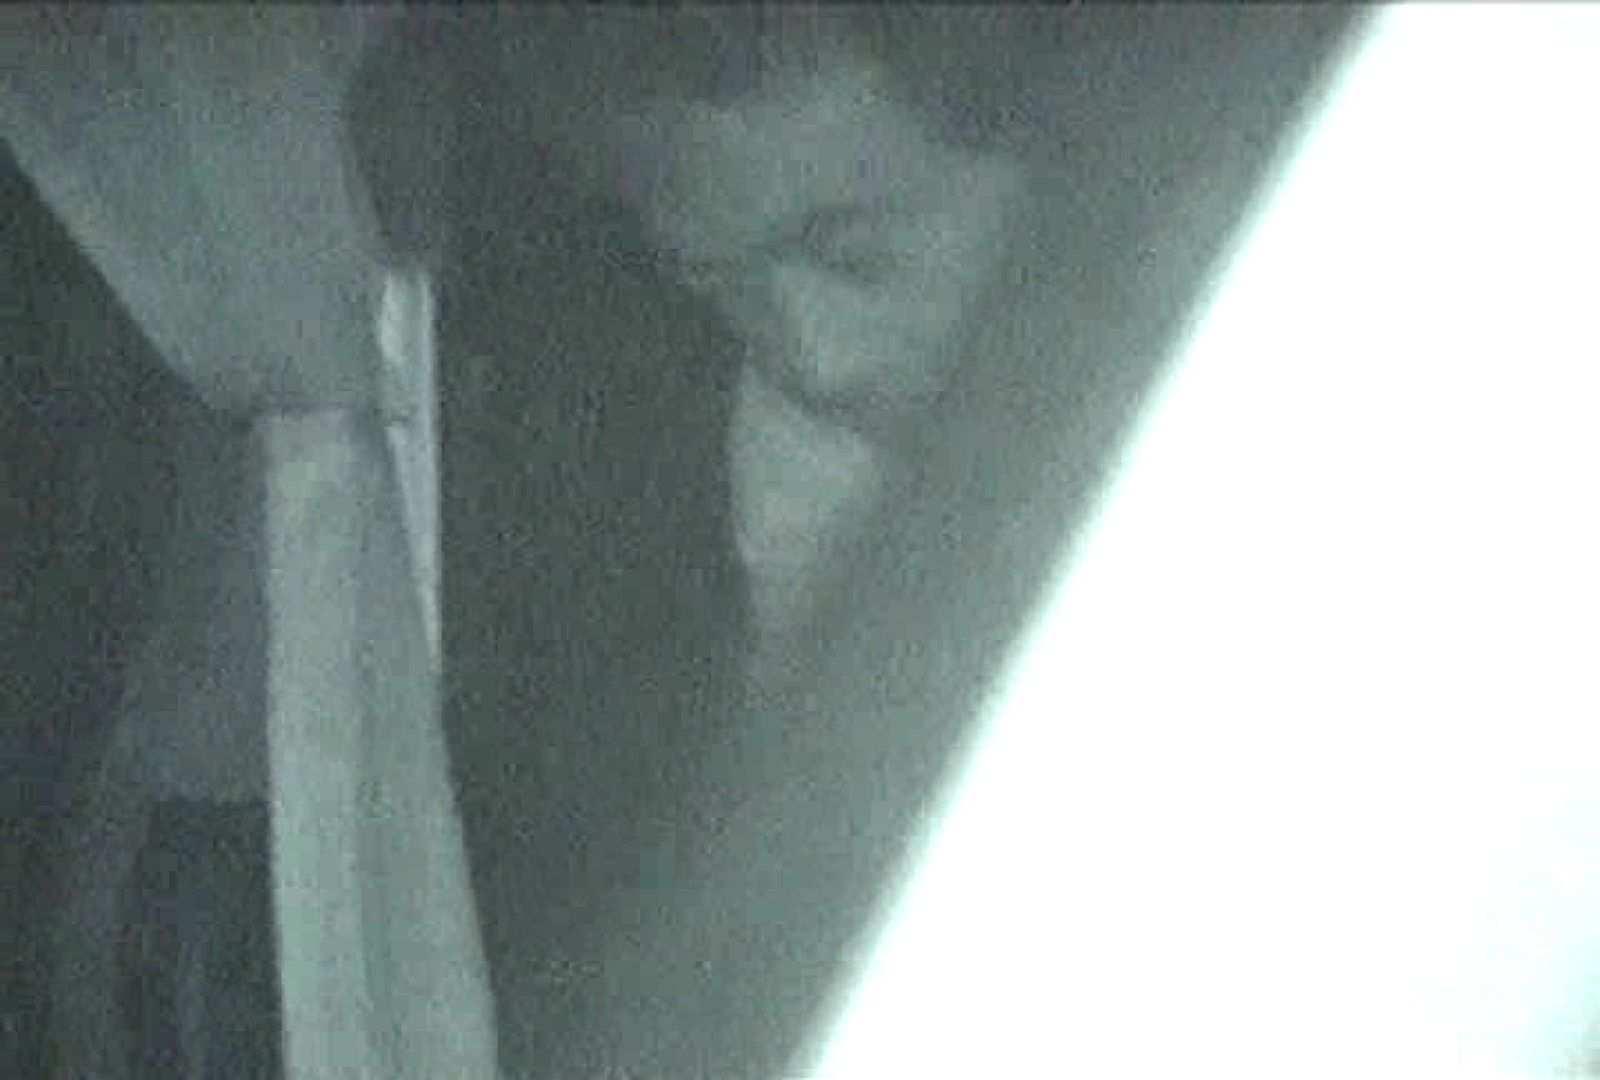 充血監督の深夜の運動会Vol.82 OLセックス | お姉さんヌード  108画像 49